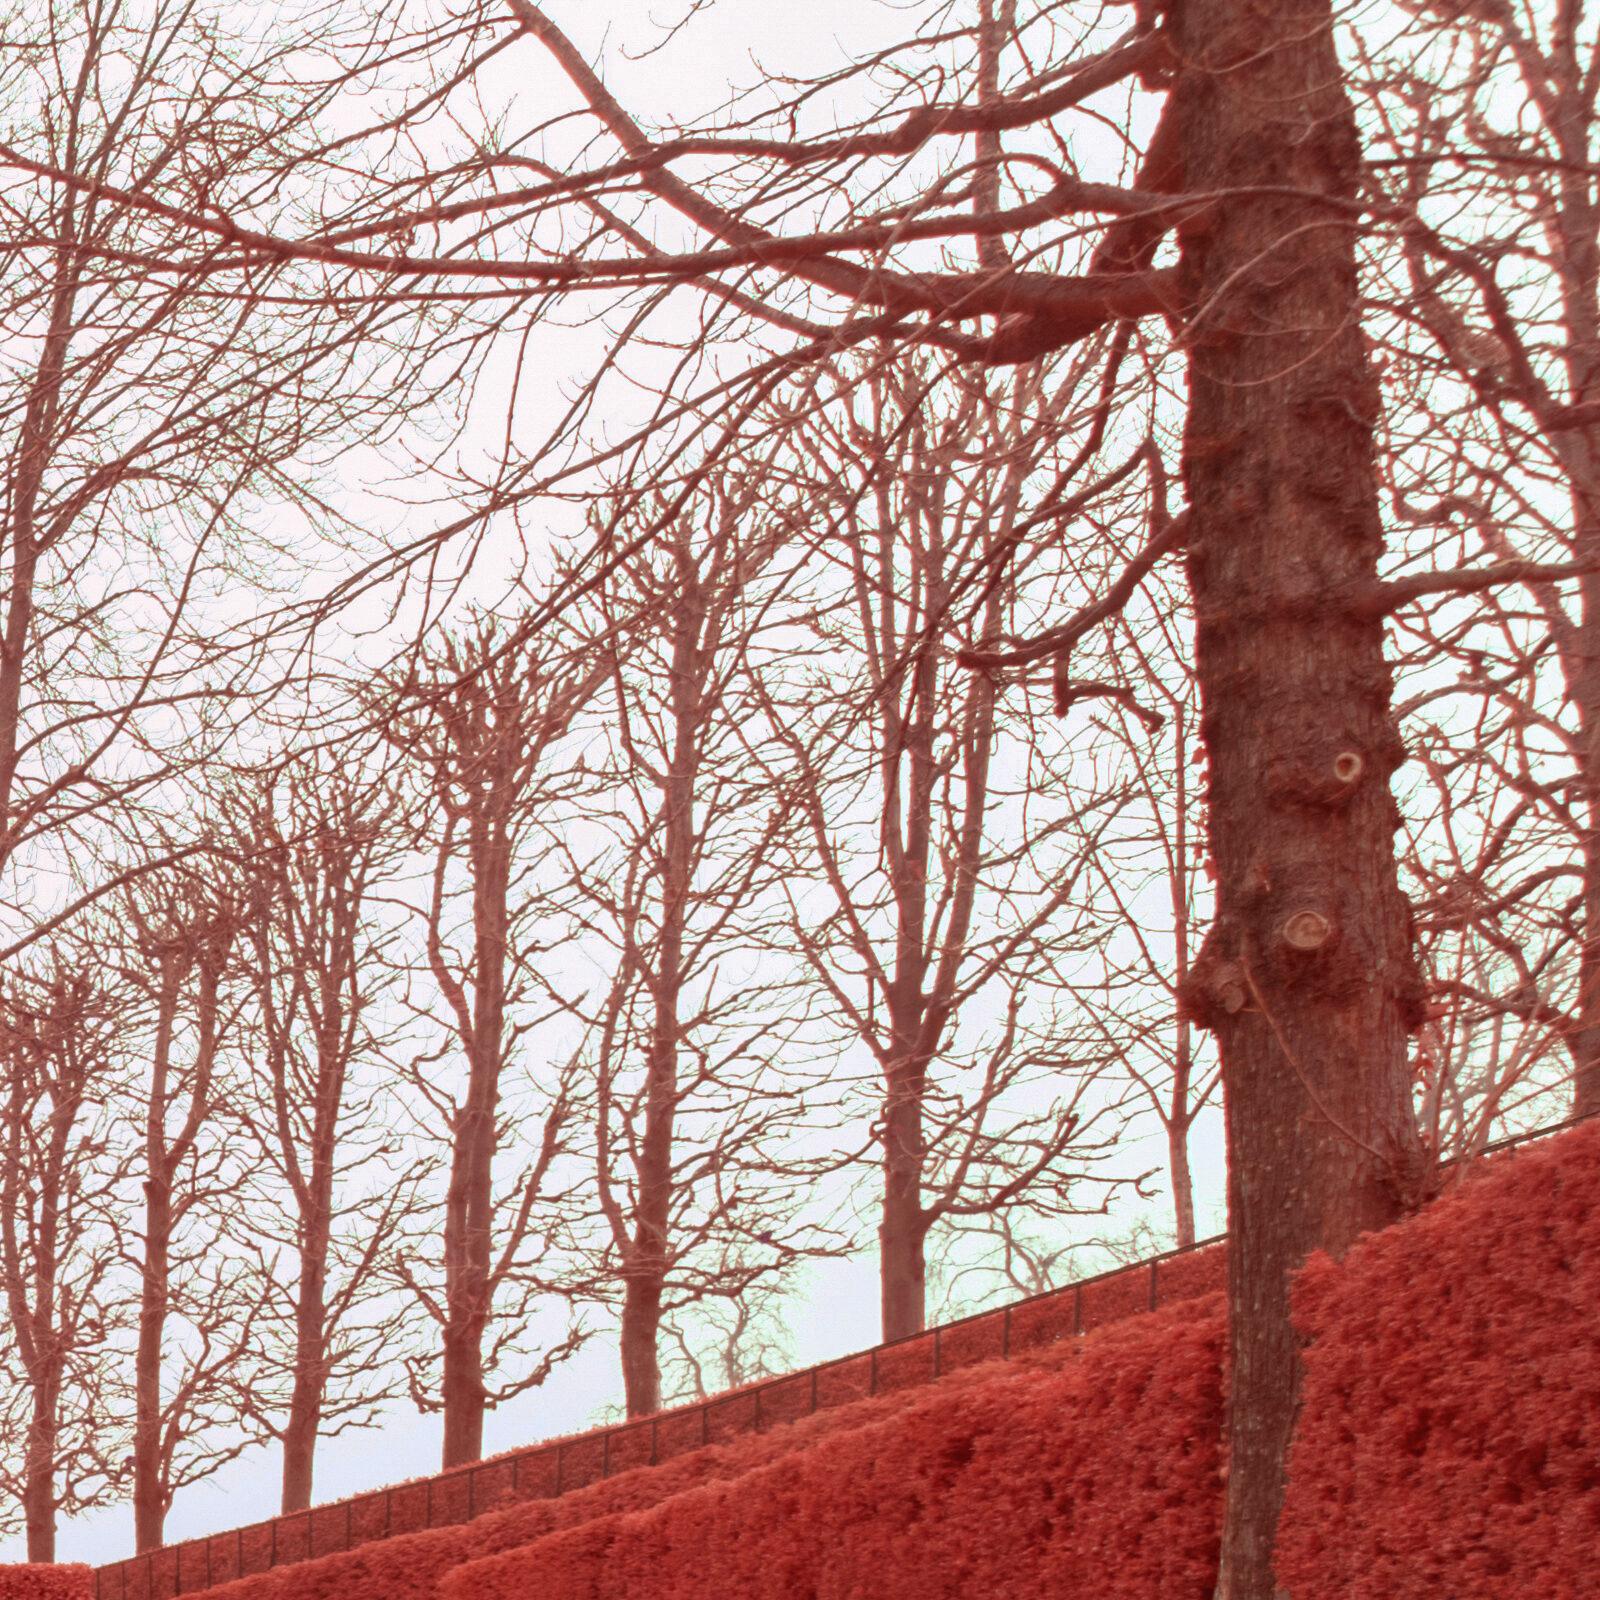 Canon 16 35 F4 L IS details global 500nm infrarouge 24mm details 5 | Pierre-Louis Ferrer | Test du Tamron SP 15-30mm f2.8 Di VC USD en photographie infrarouge | Partie 2